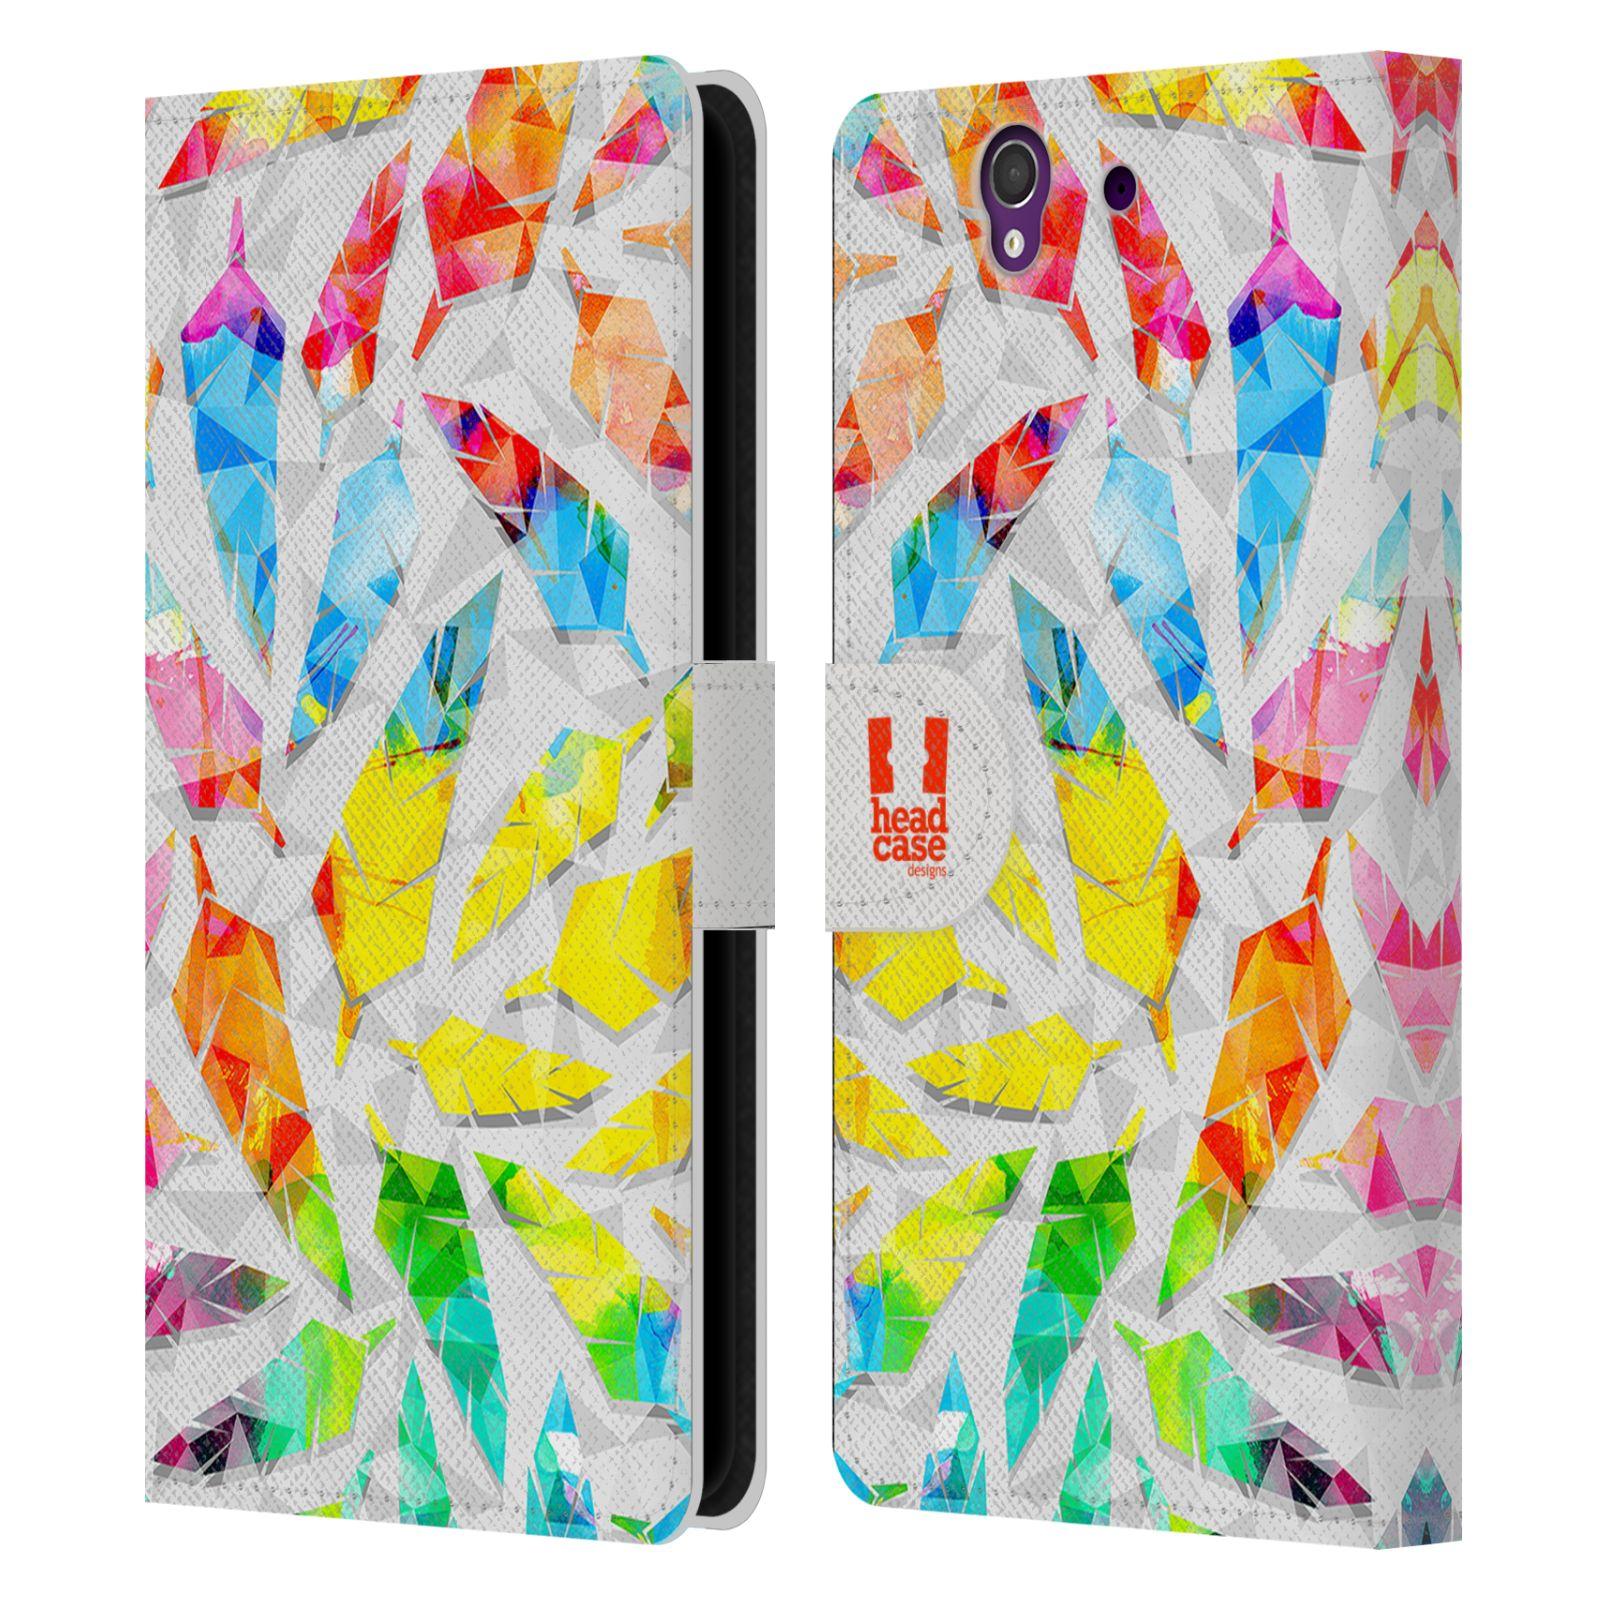 HEAD CASE Flipové pouzdro pro mobil SONY XPERIA Z (C6603) geometrická barevná pírka vodní barva